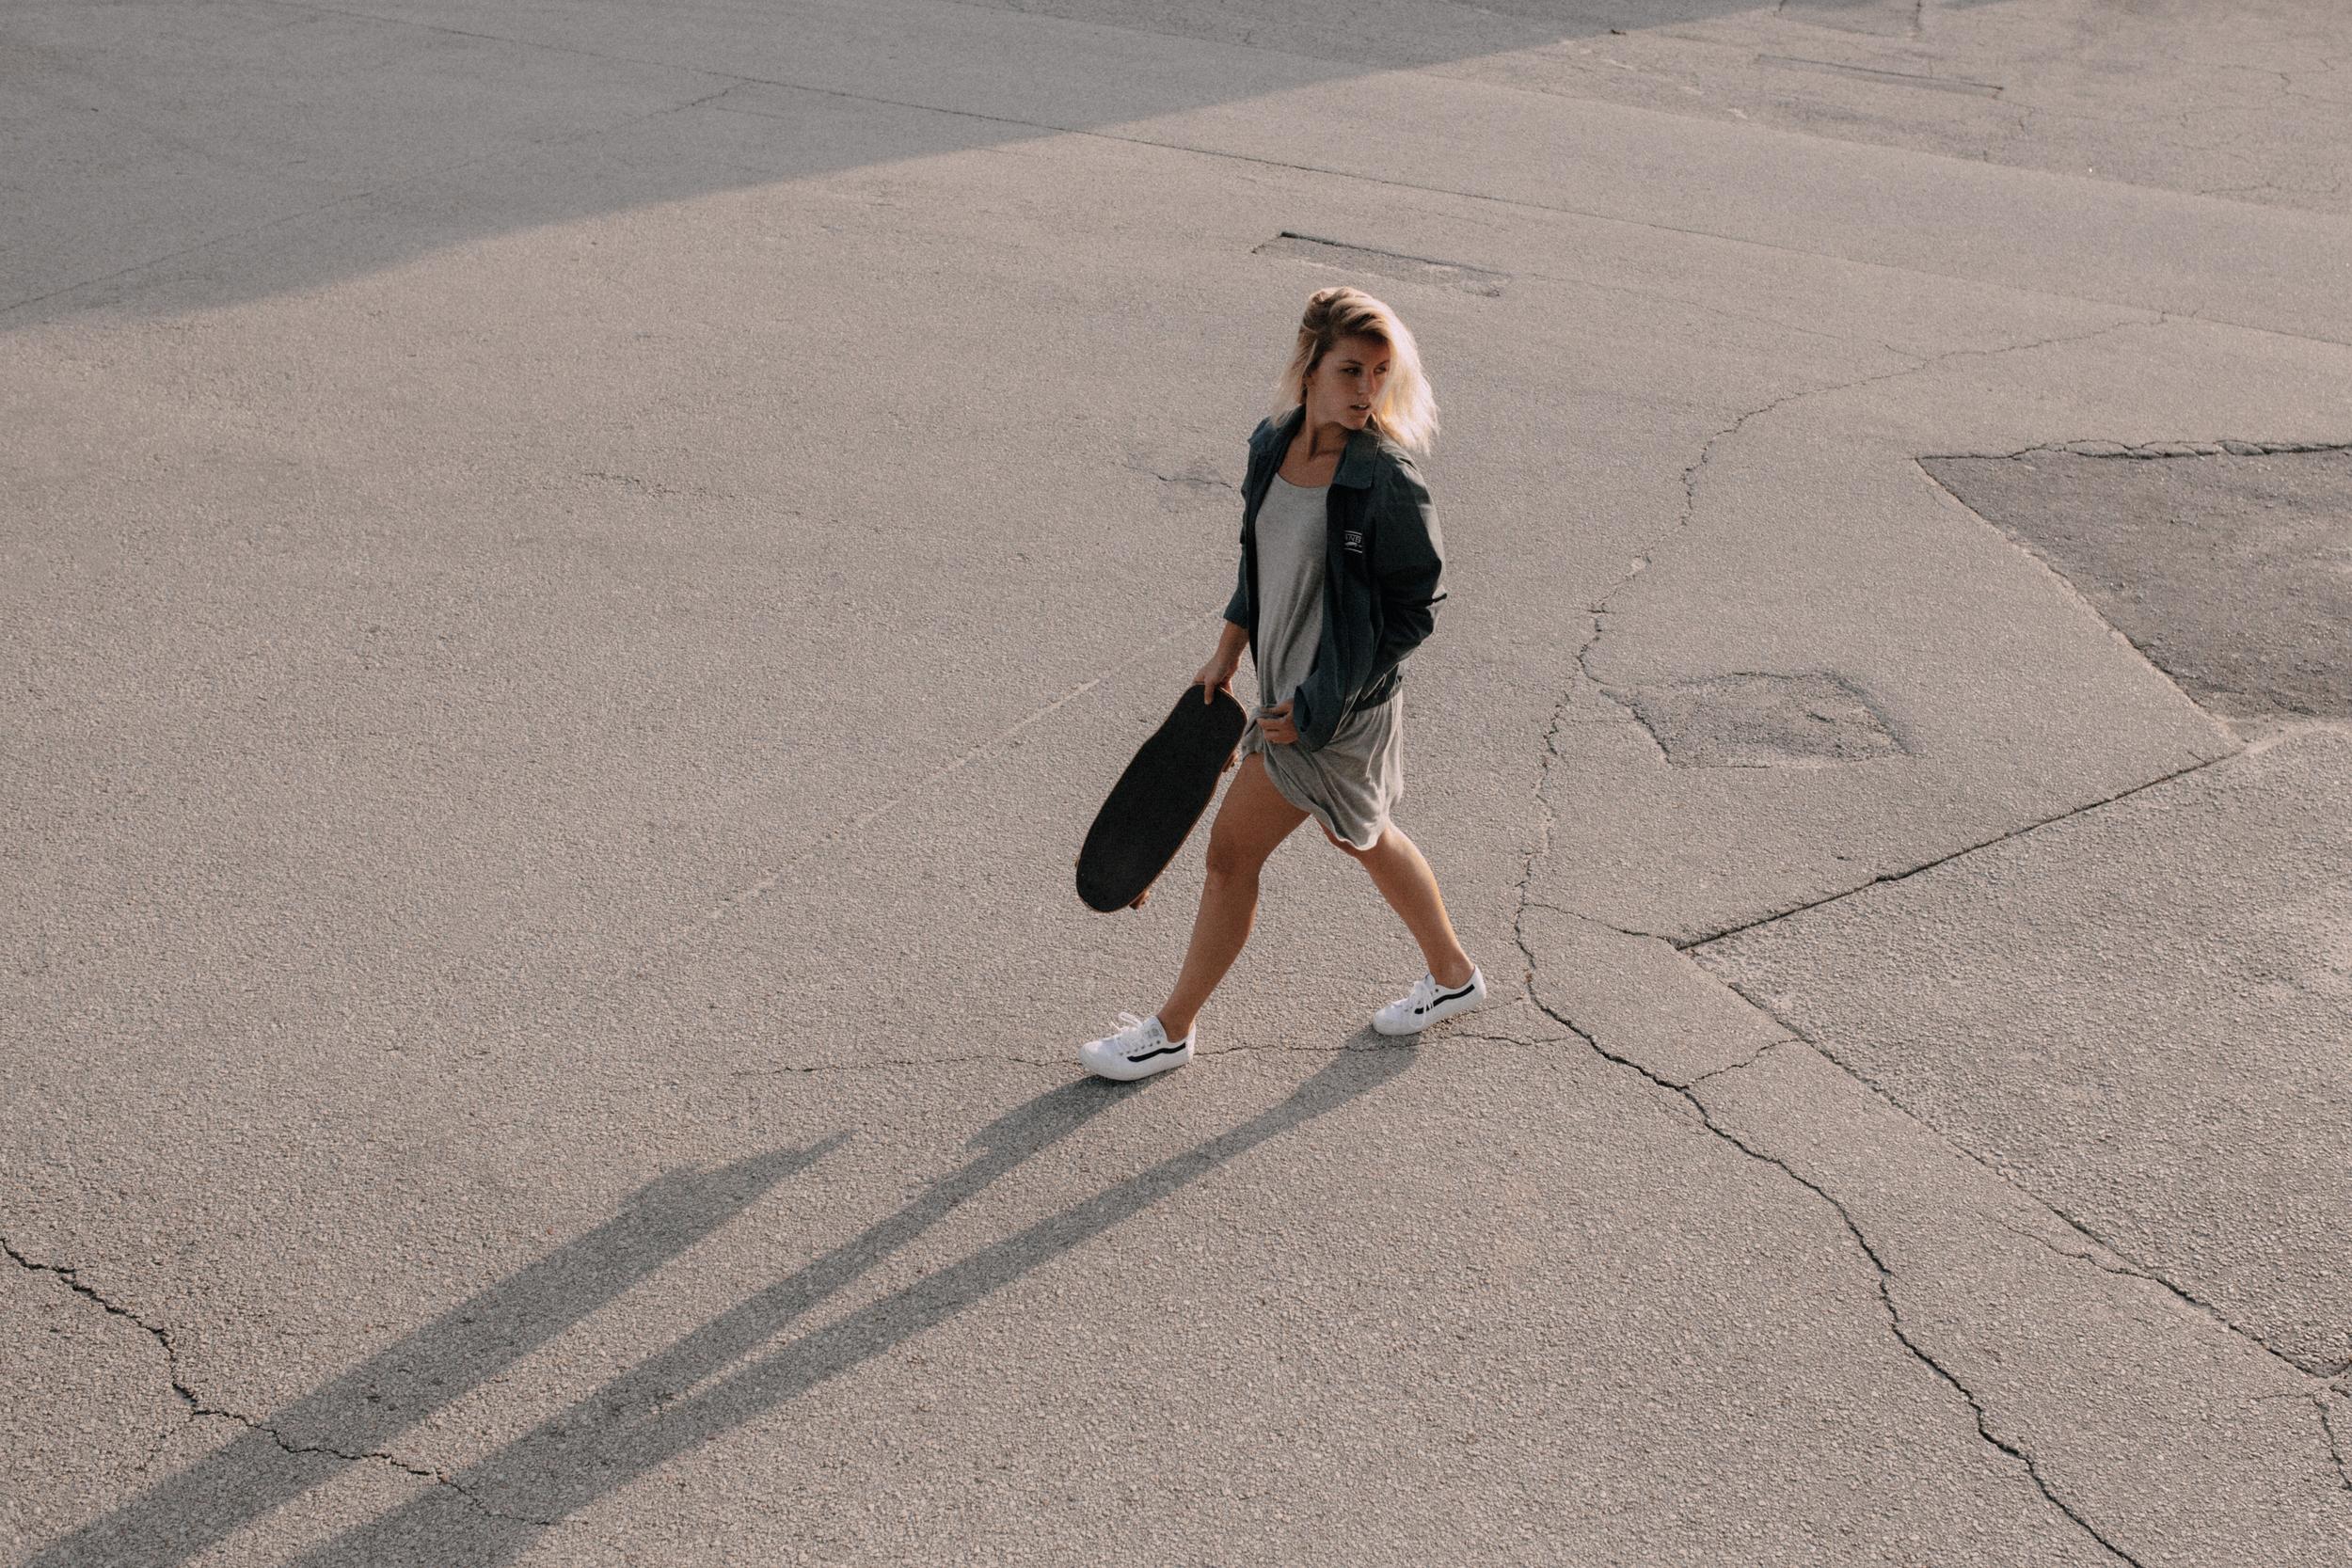 Elise_Skate-43.jpg